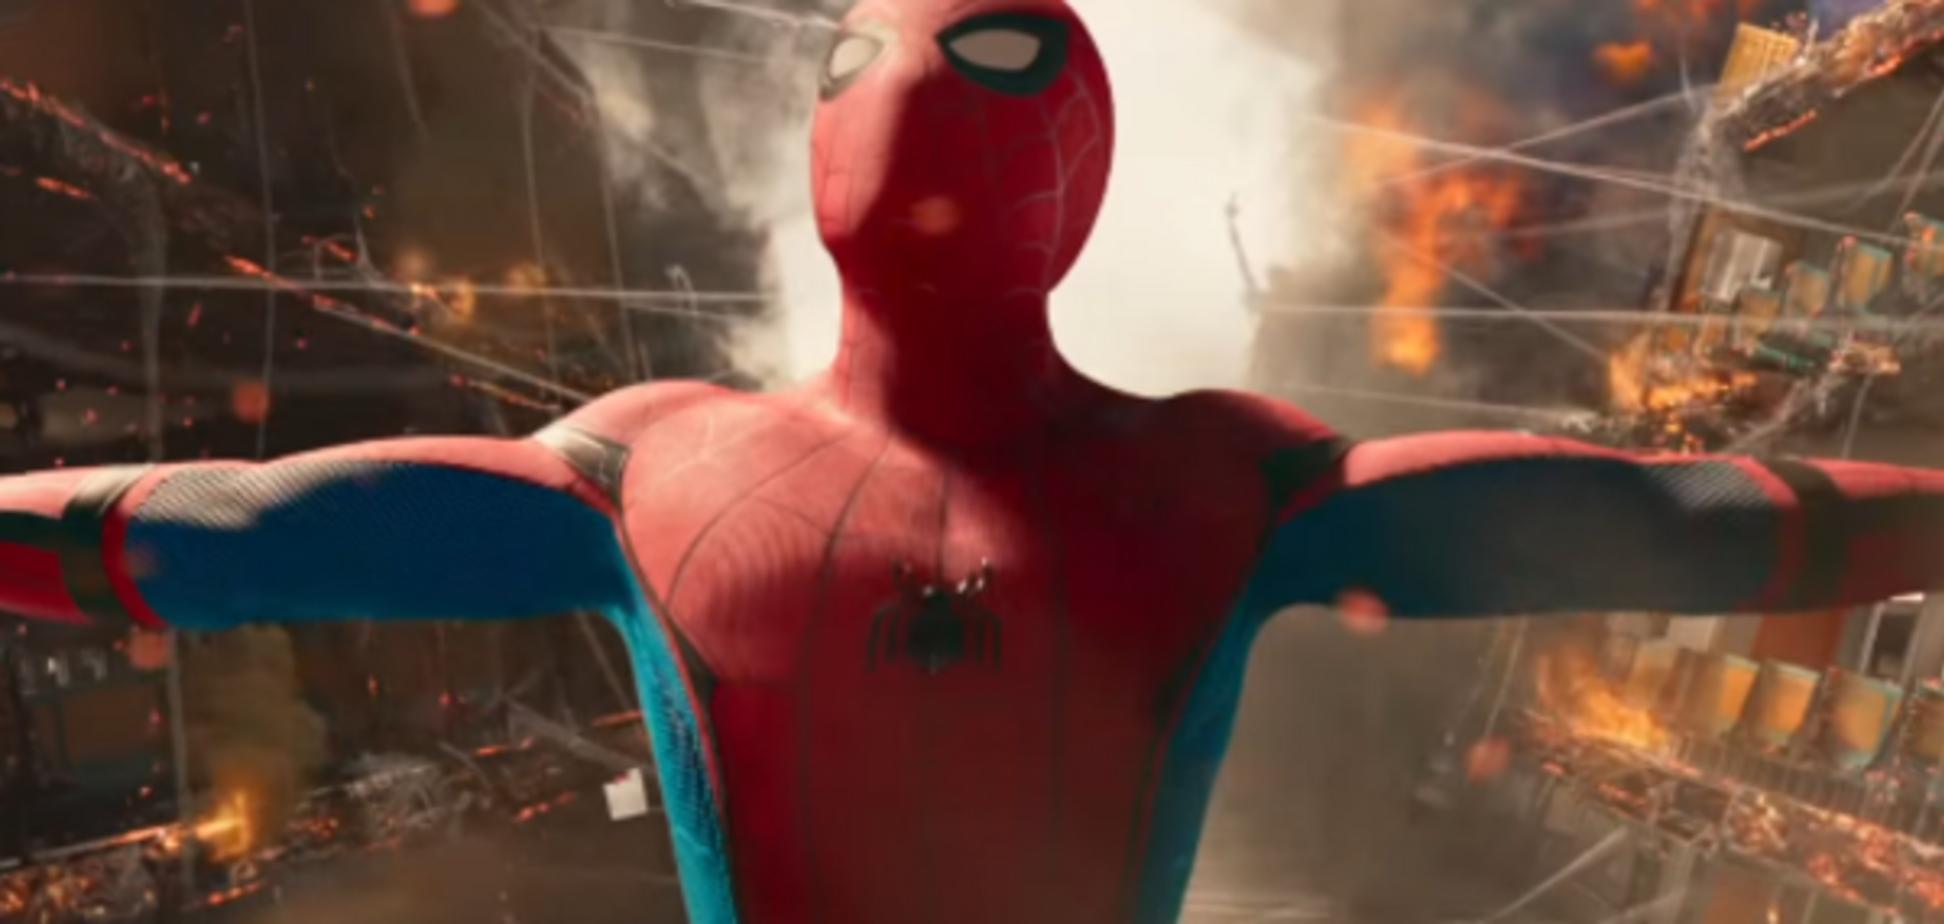 Кадр из фильма \'Человек-паук: Возвращение домой\'